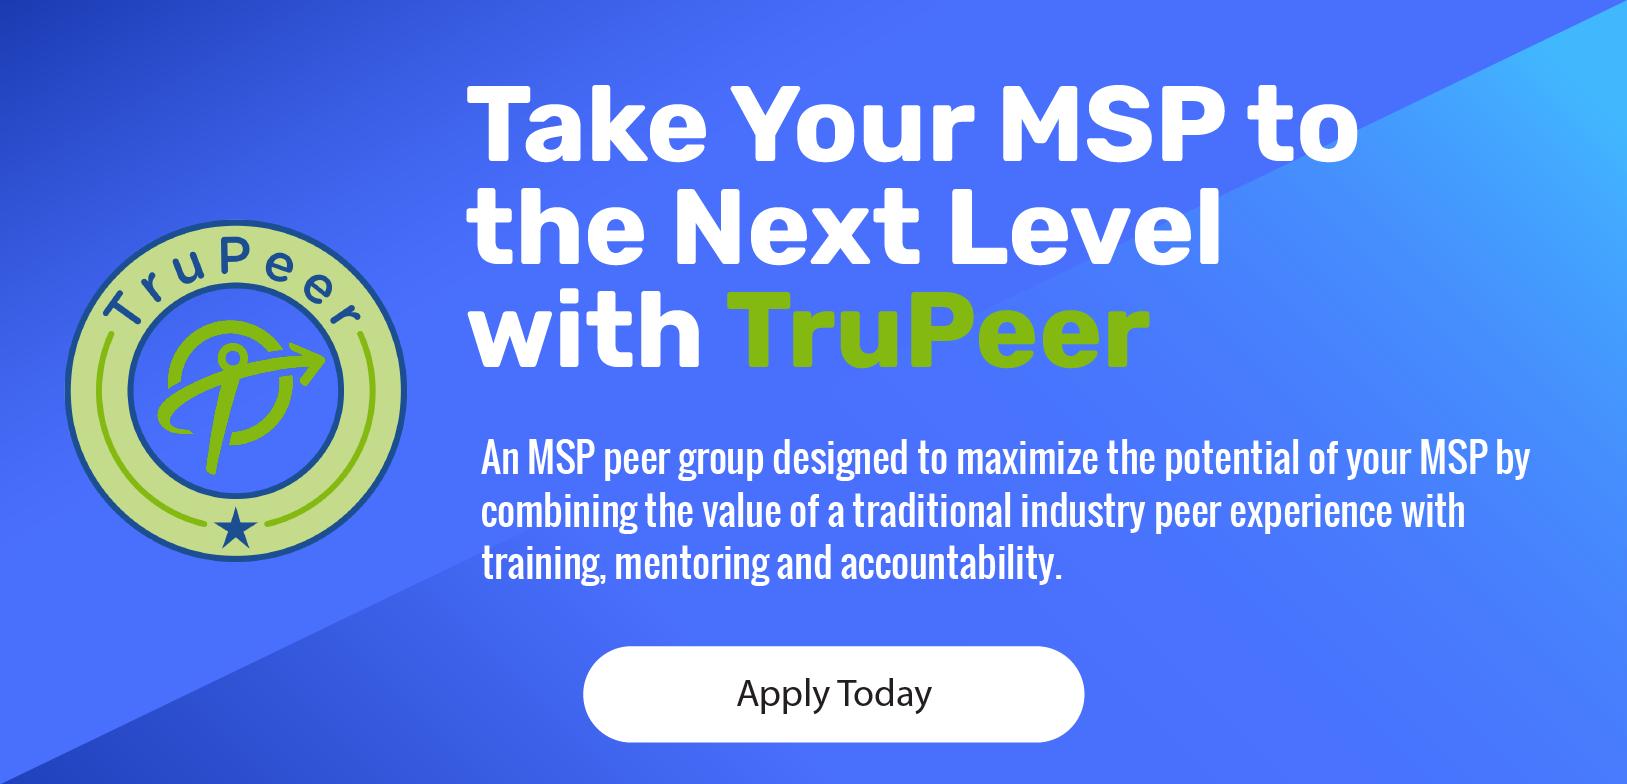 MSP peer group